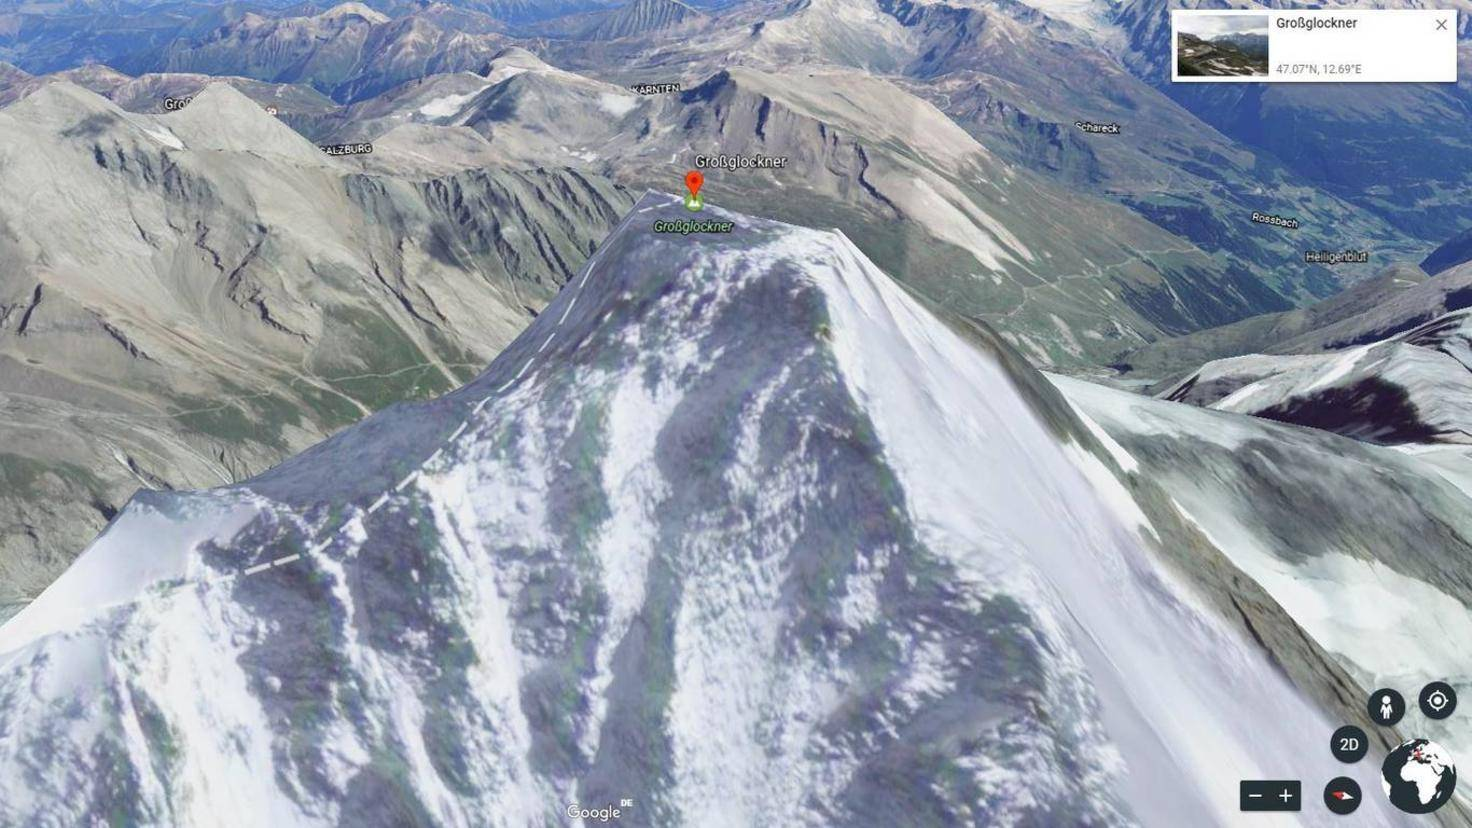 Google Earth Großglockner